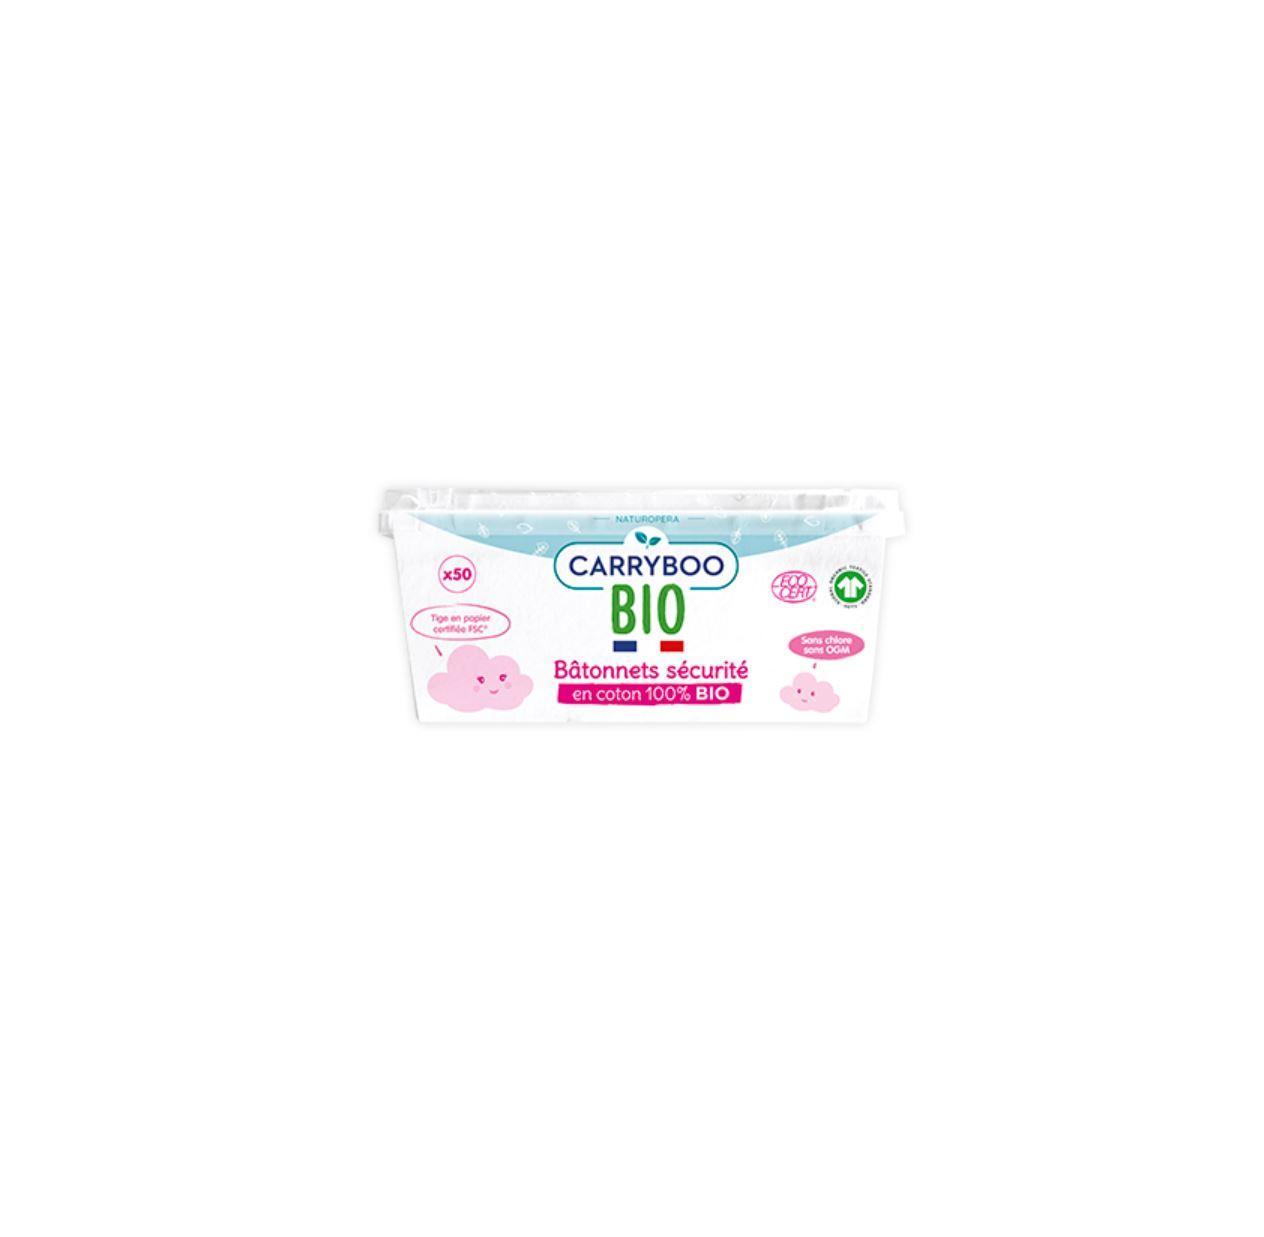 Bâtonnets Sécurité de Coton Bio x50